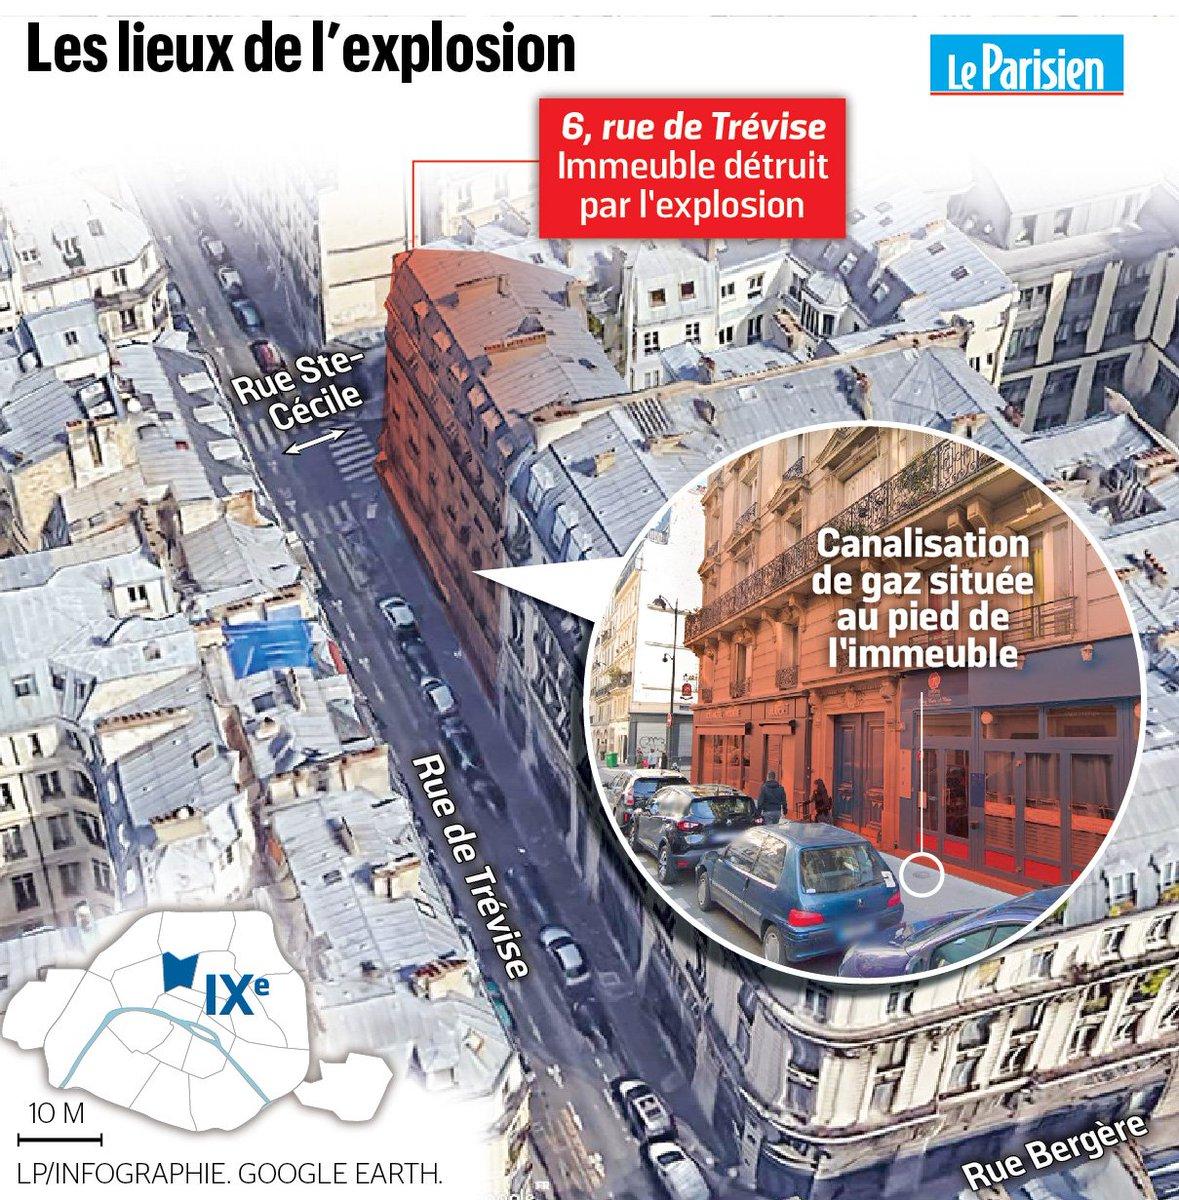 RT @LeParisienInfog: #Explosion rue de #Trévise : soupçons sur une canalisation >> https://t.co/VtbYa61DOZ https://t.co/psZkbmOUcx